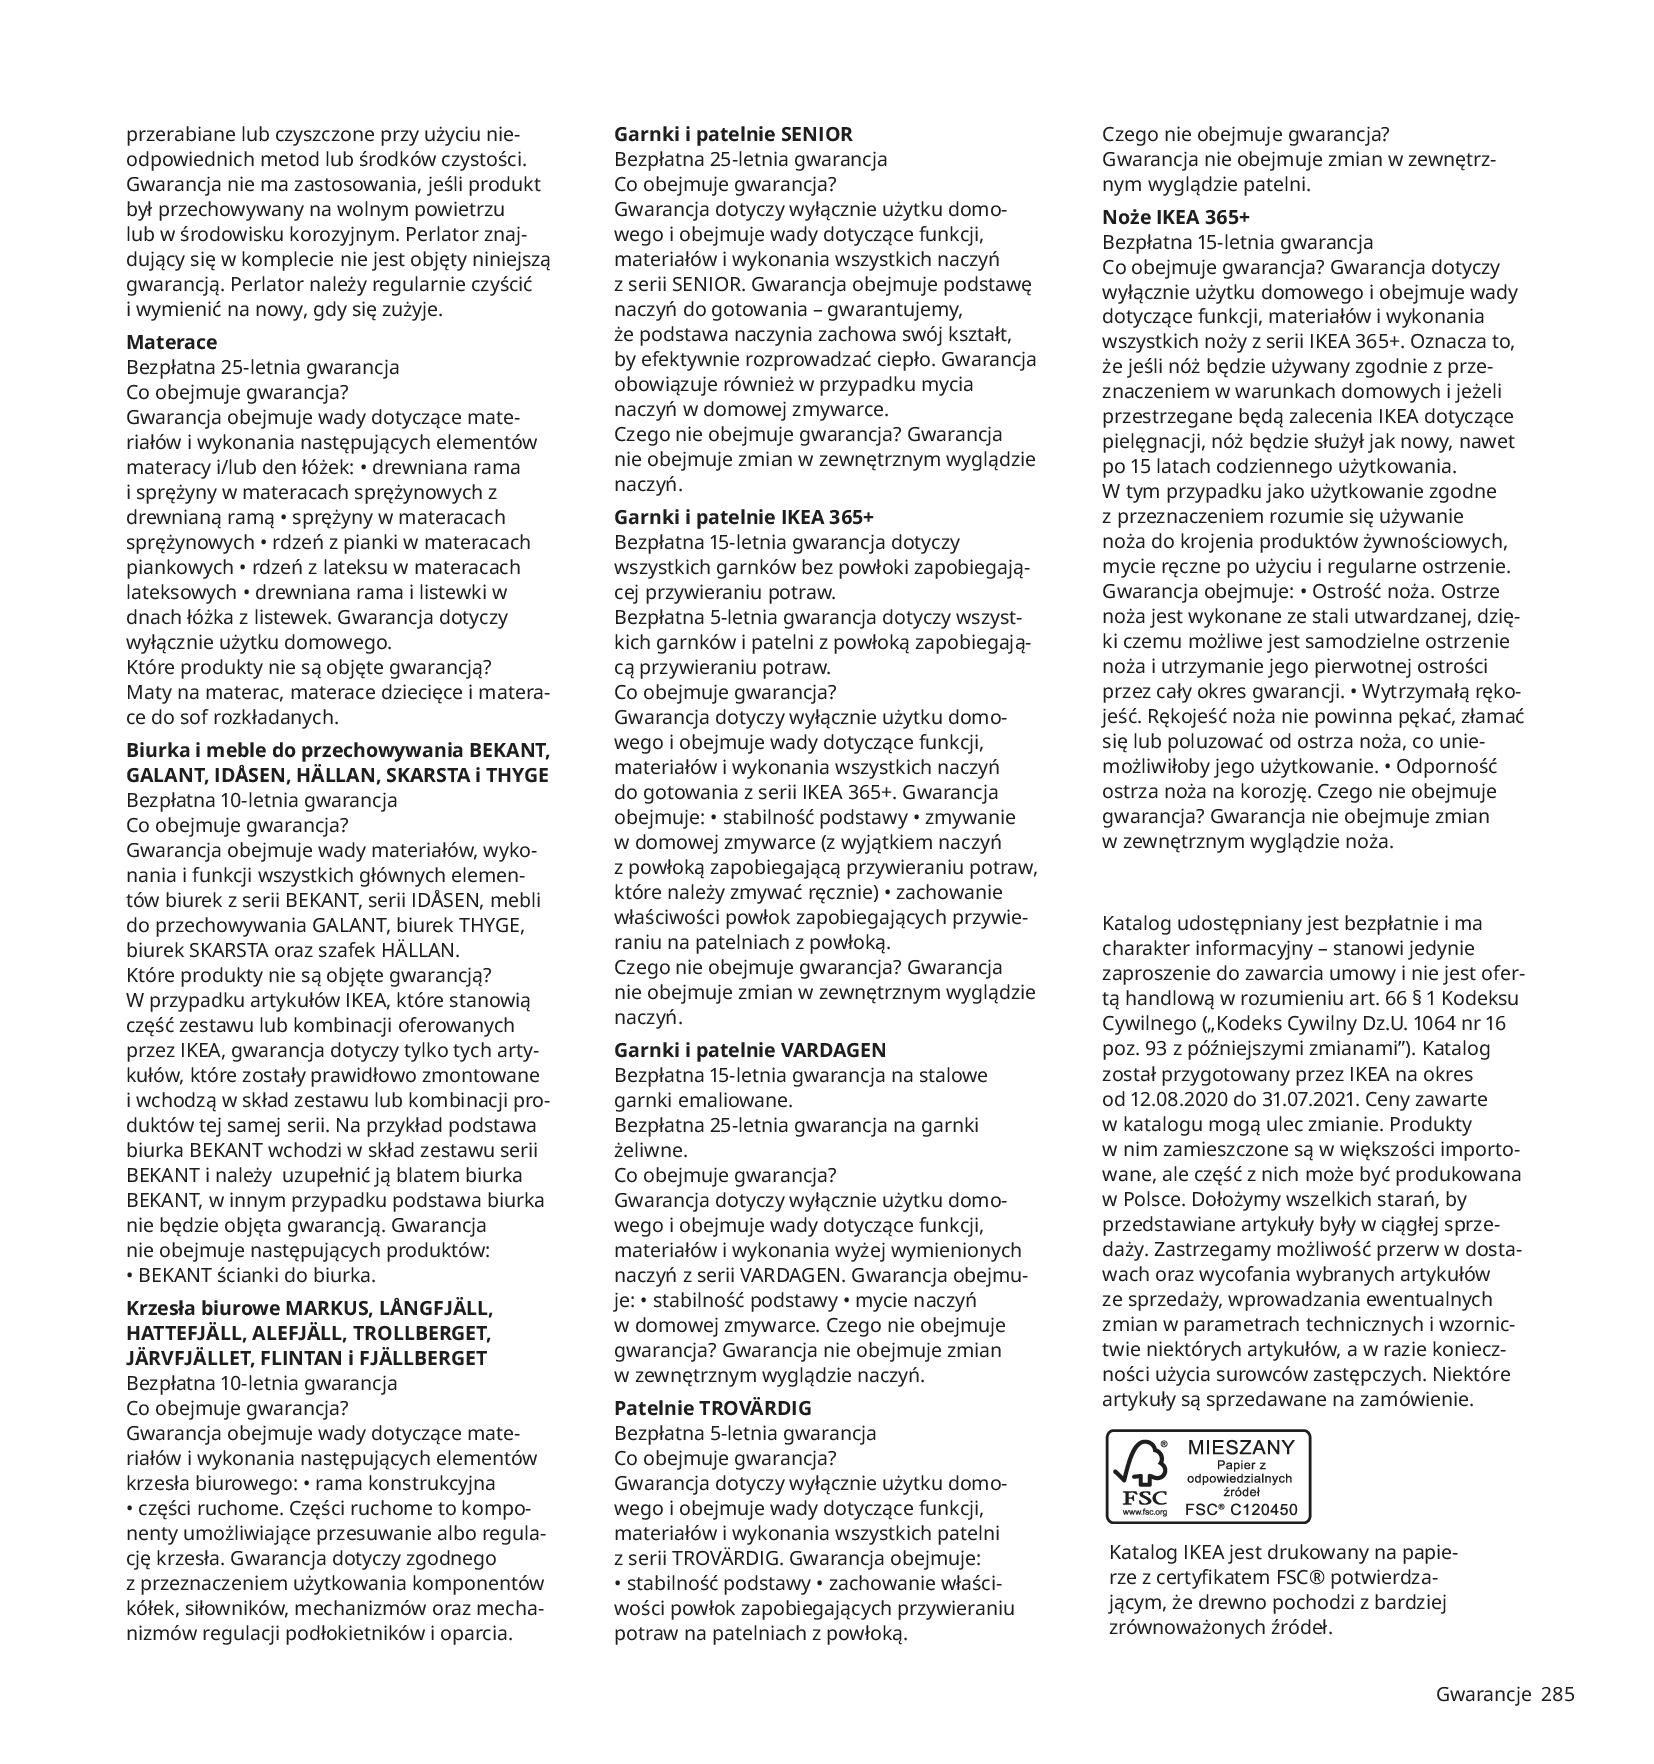 Gazetka IKEA:  Katalog IKEA 2021 2020-08-12 page-285